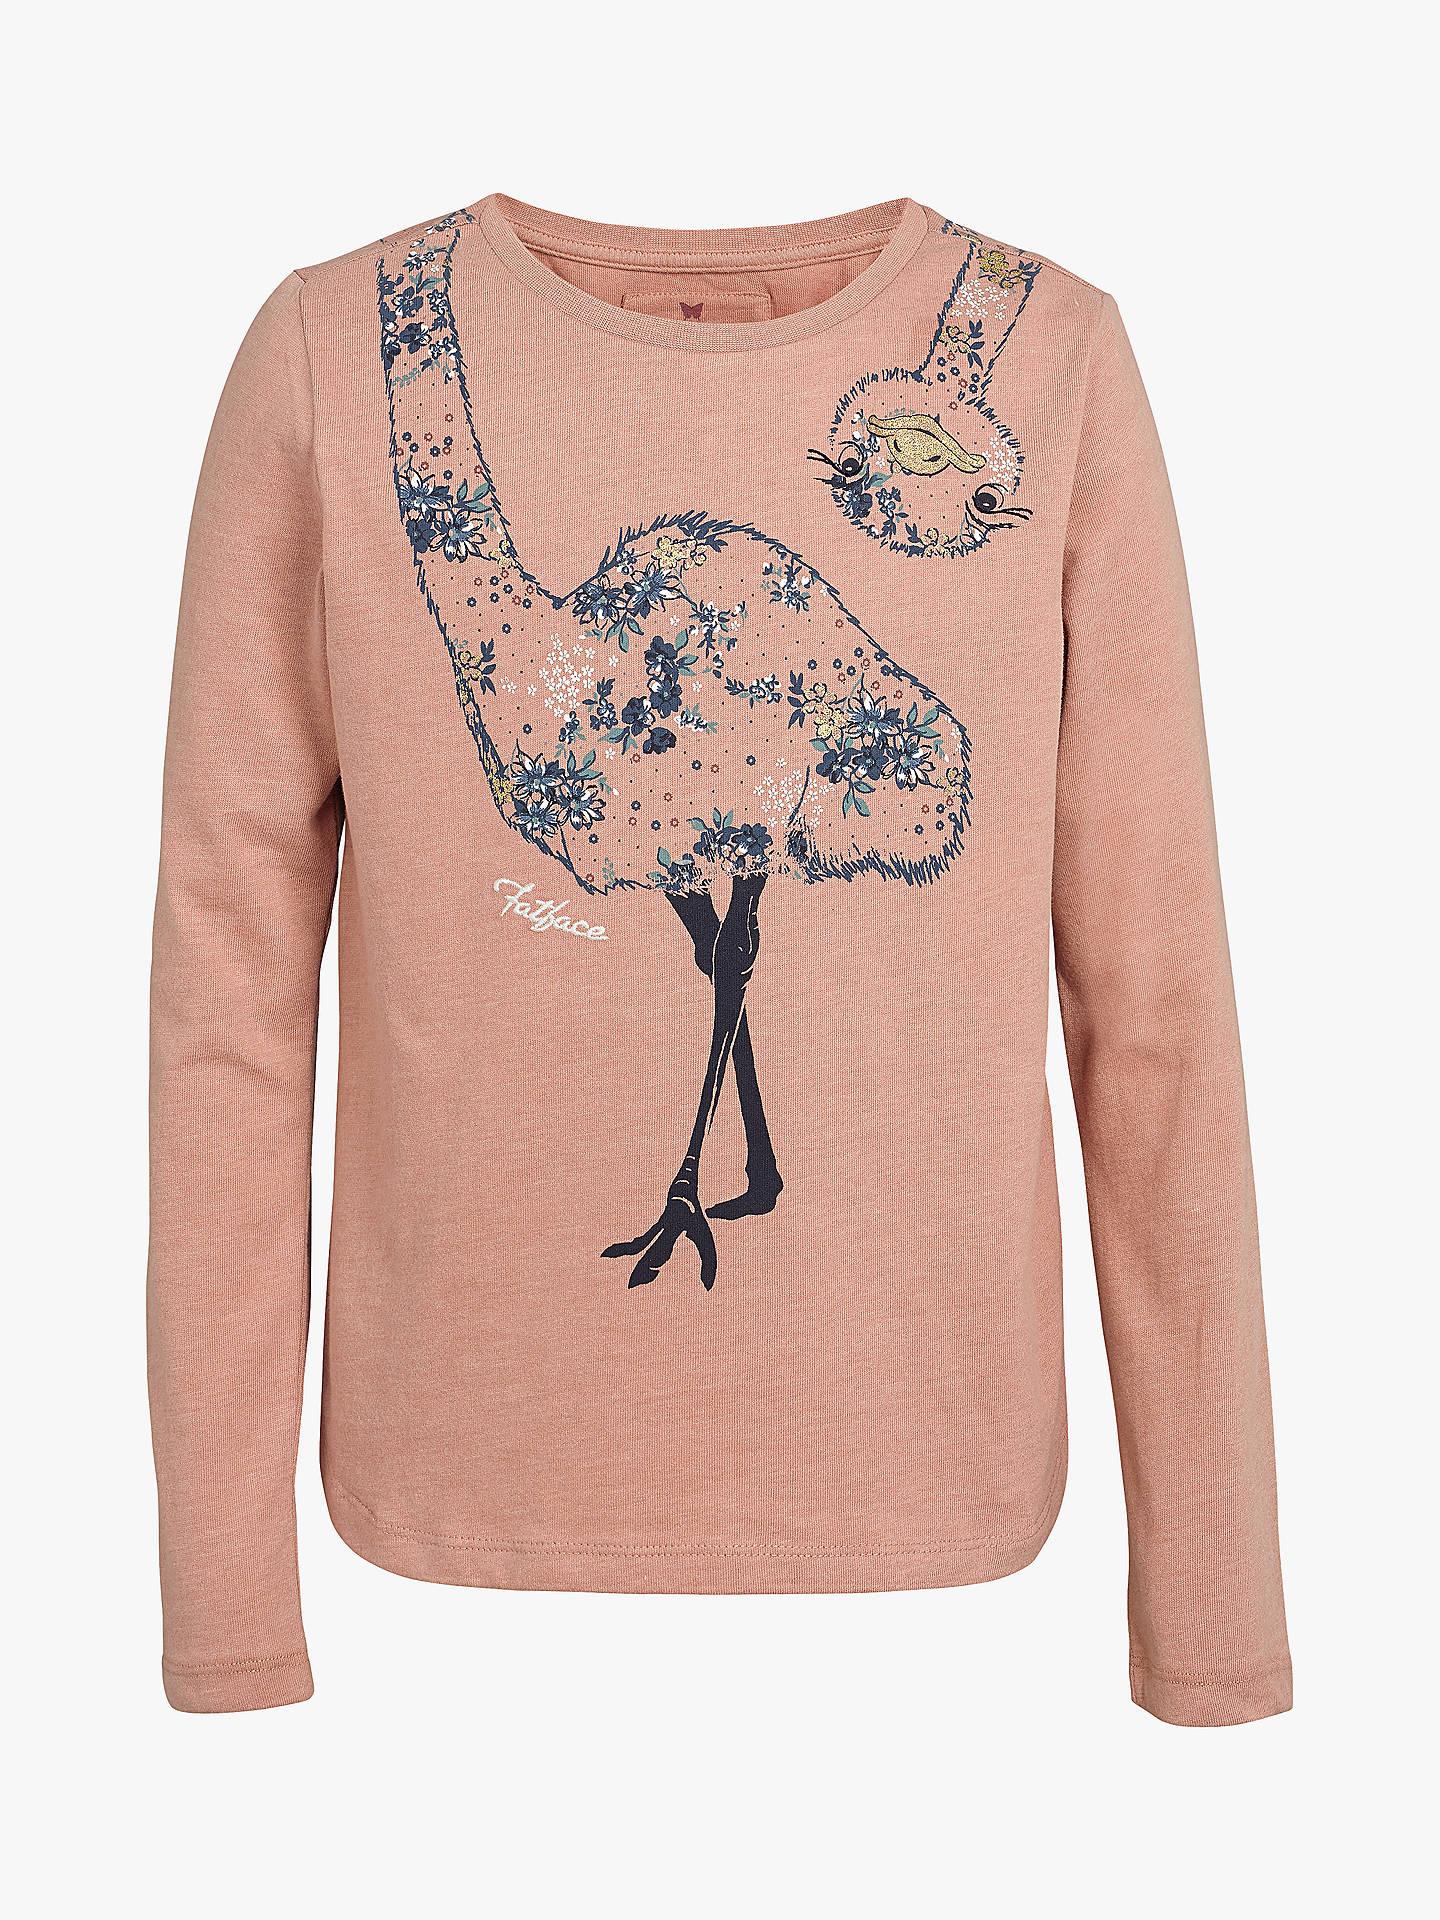 f174d92d86d Fat Face Girls' Emu T-Shirt, Dusky Pink at John Lewis & Partners